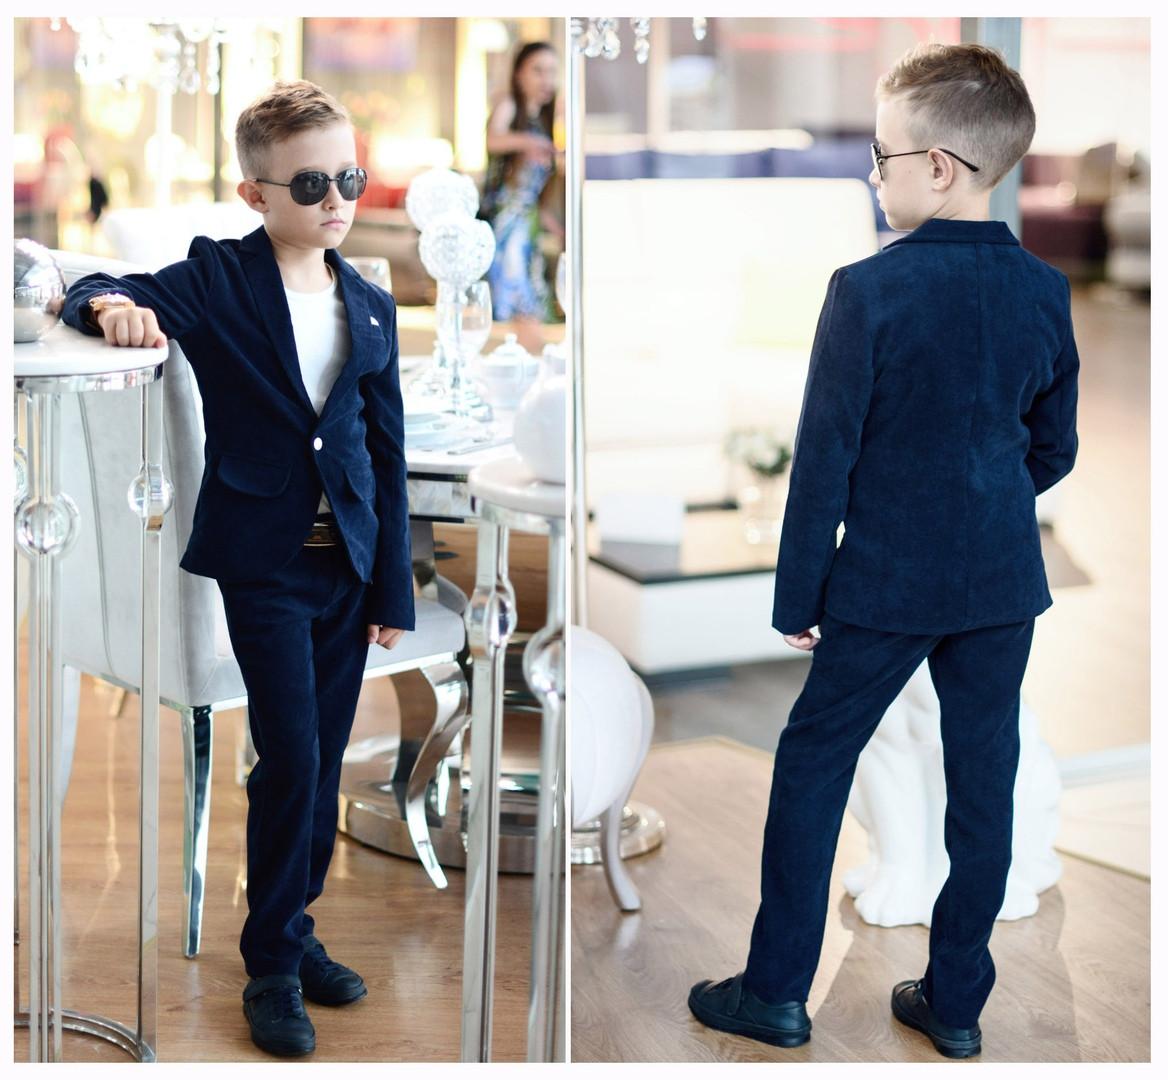 Костюм в школу темно синий вельвет для мальчика пиджак+брюки классика 116,122,128,134,140,146